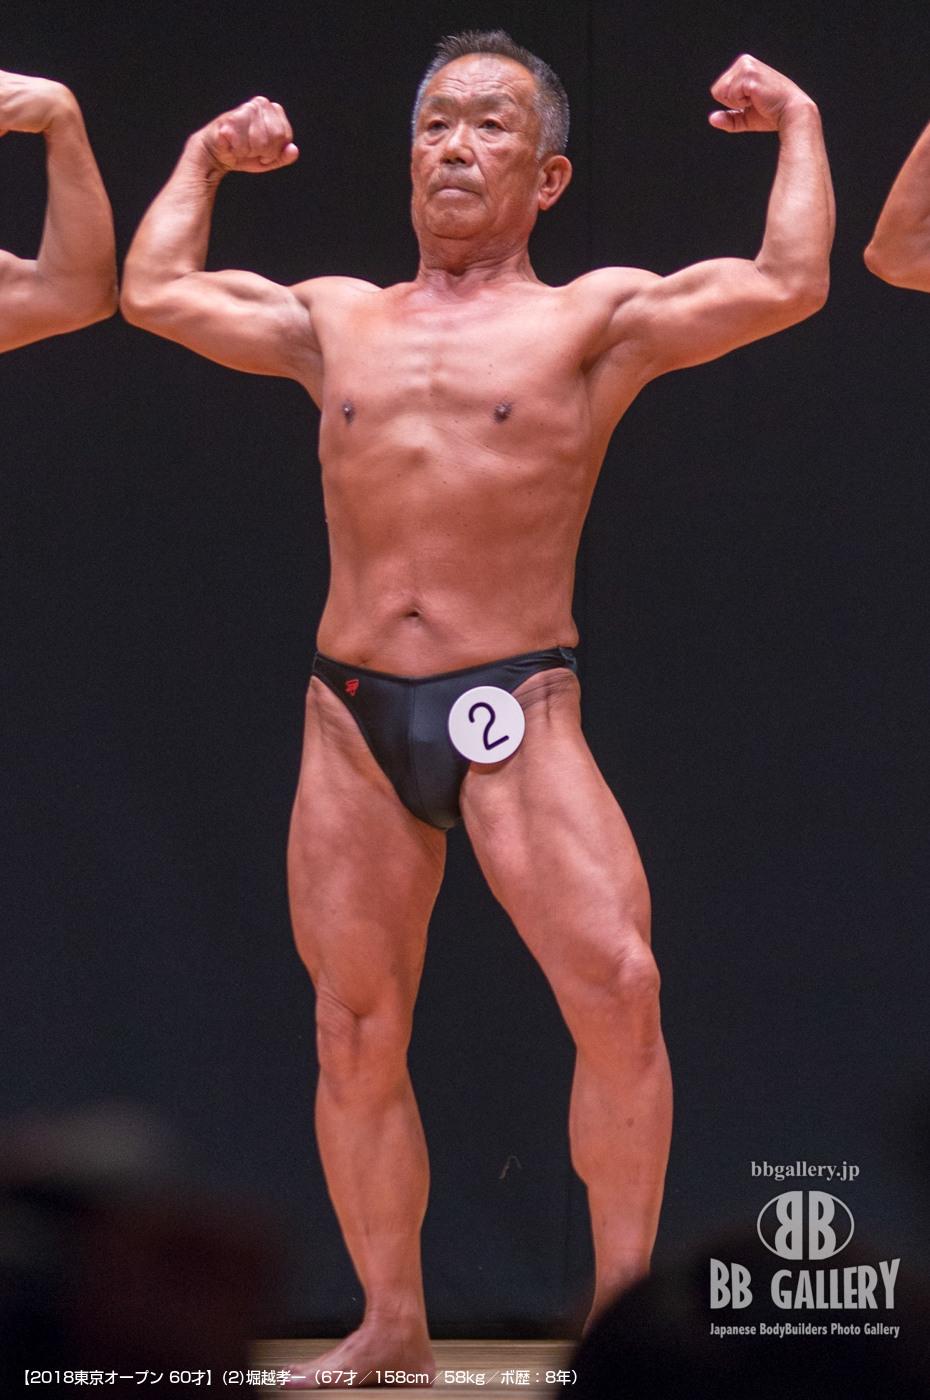 【2018東京オープン 60才】(2)堀越孝一(67才/158cm/58kg/ボ歴:8年)